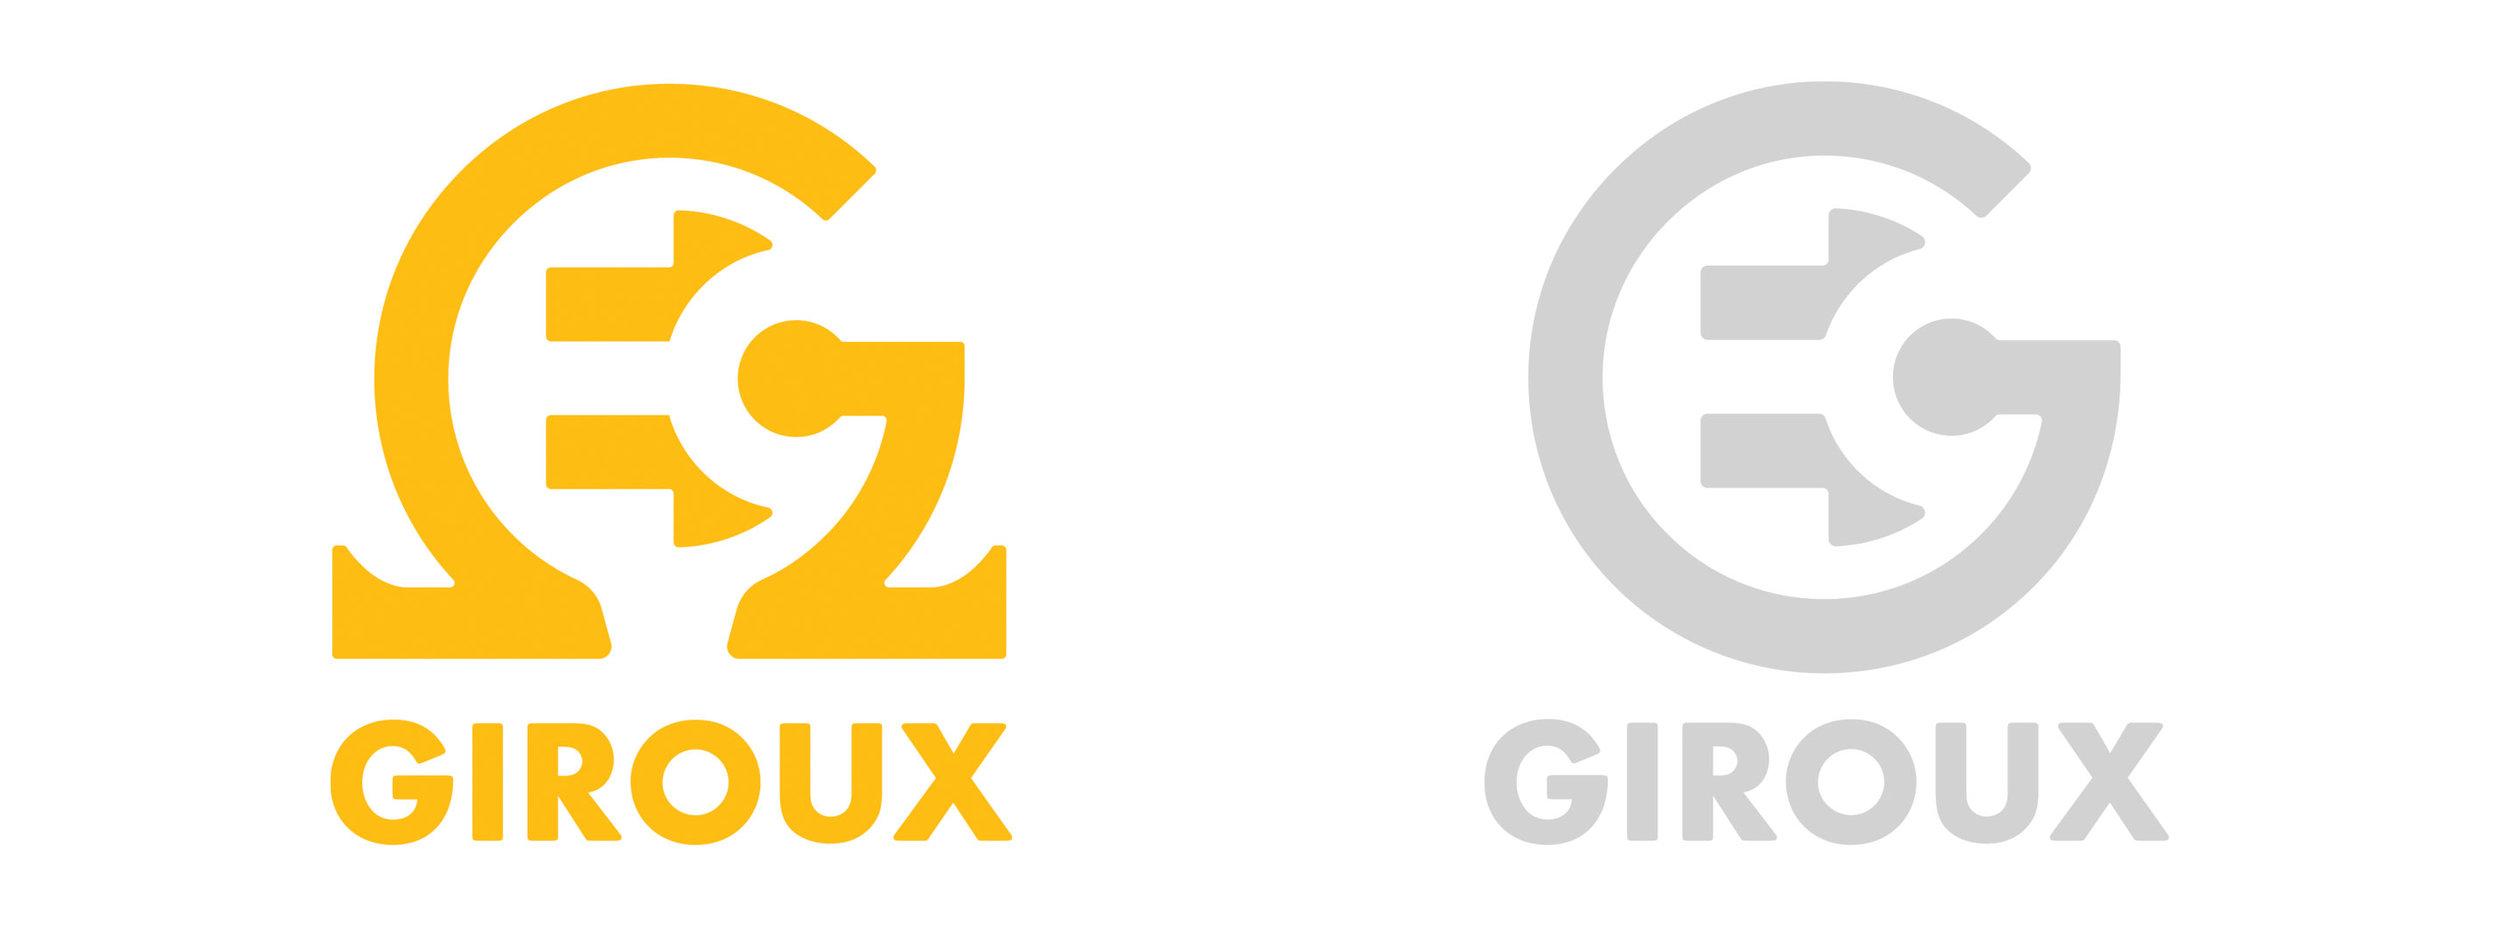 Studio-Eighty-Seven-Giroux-Electrical-Contractors_GEC-Logo-Design.jpg